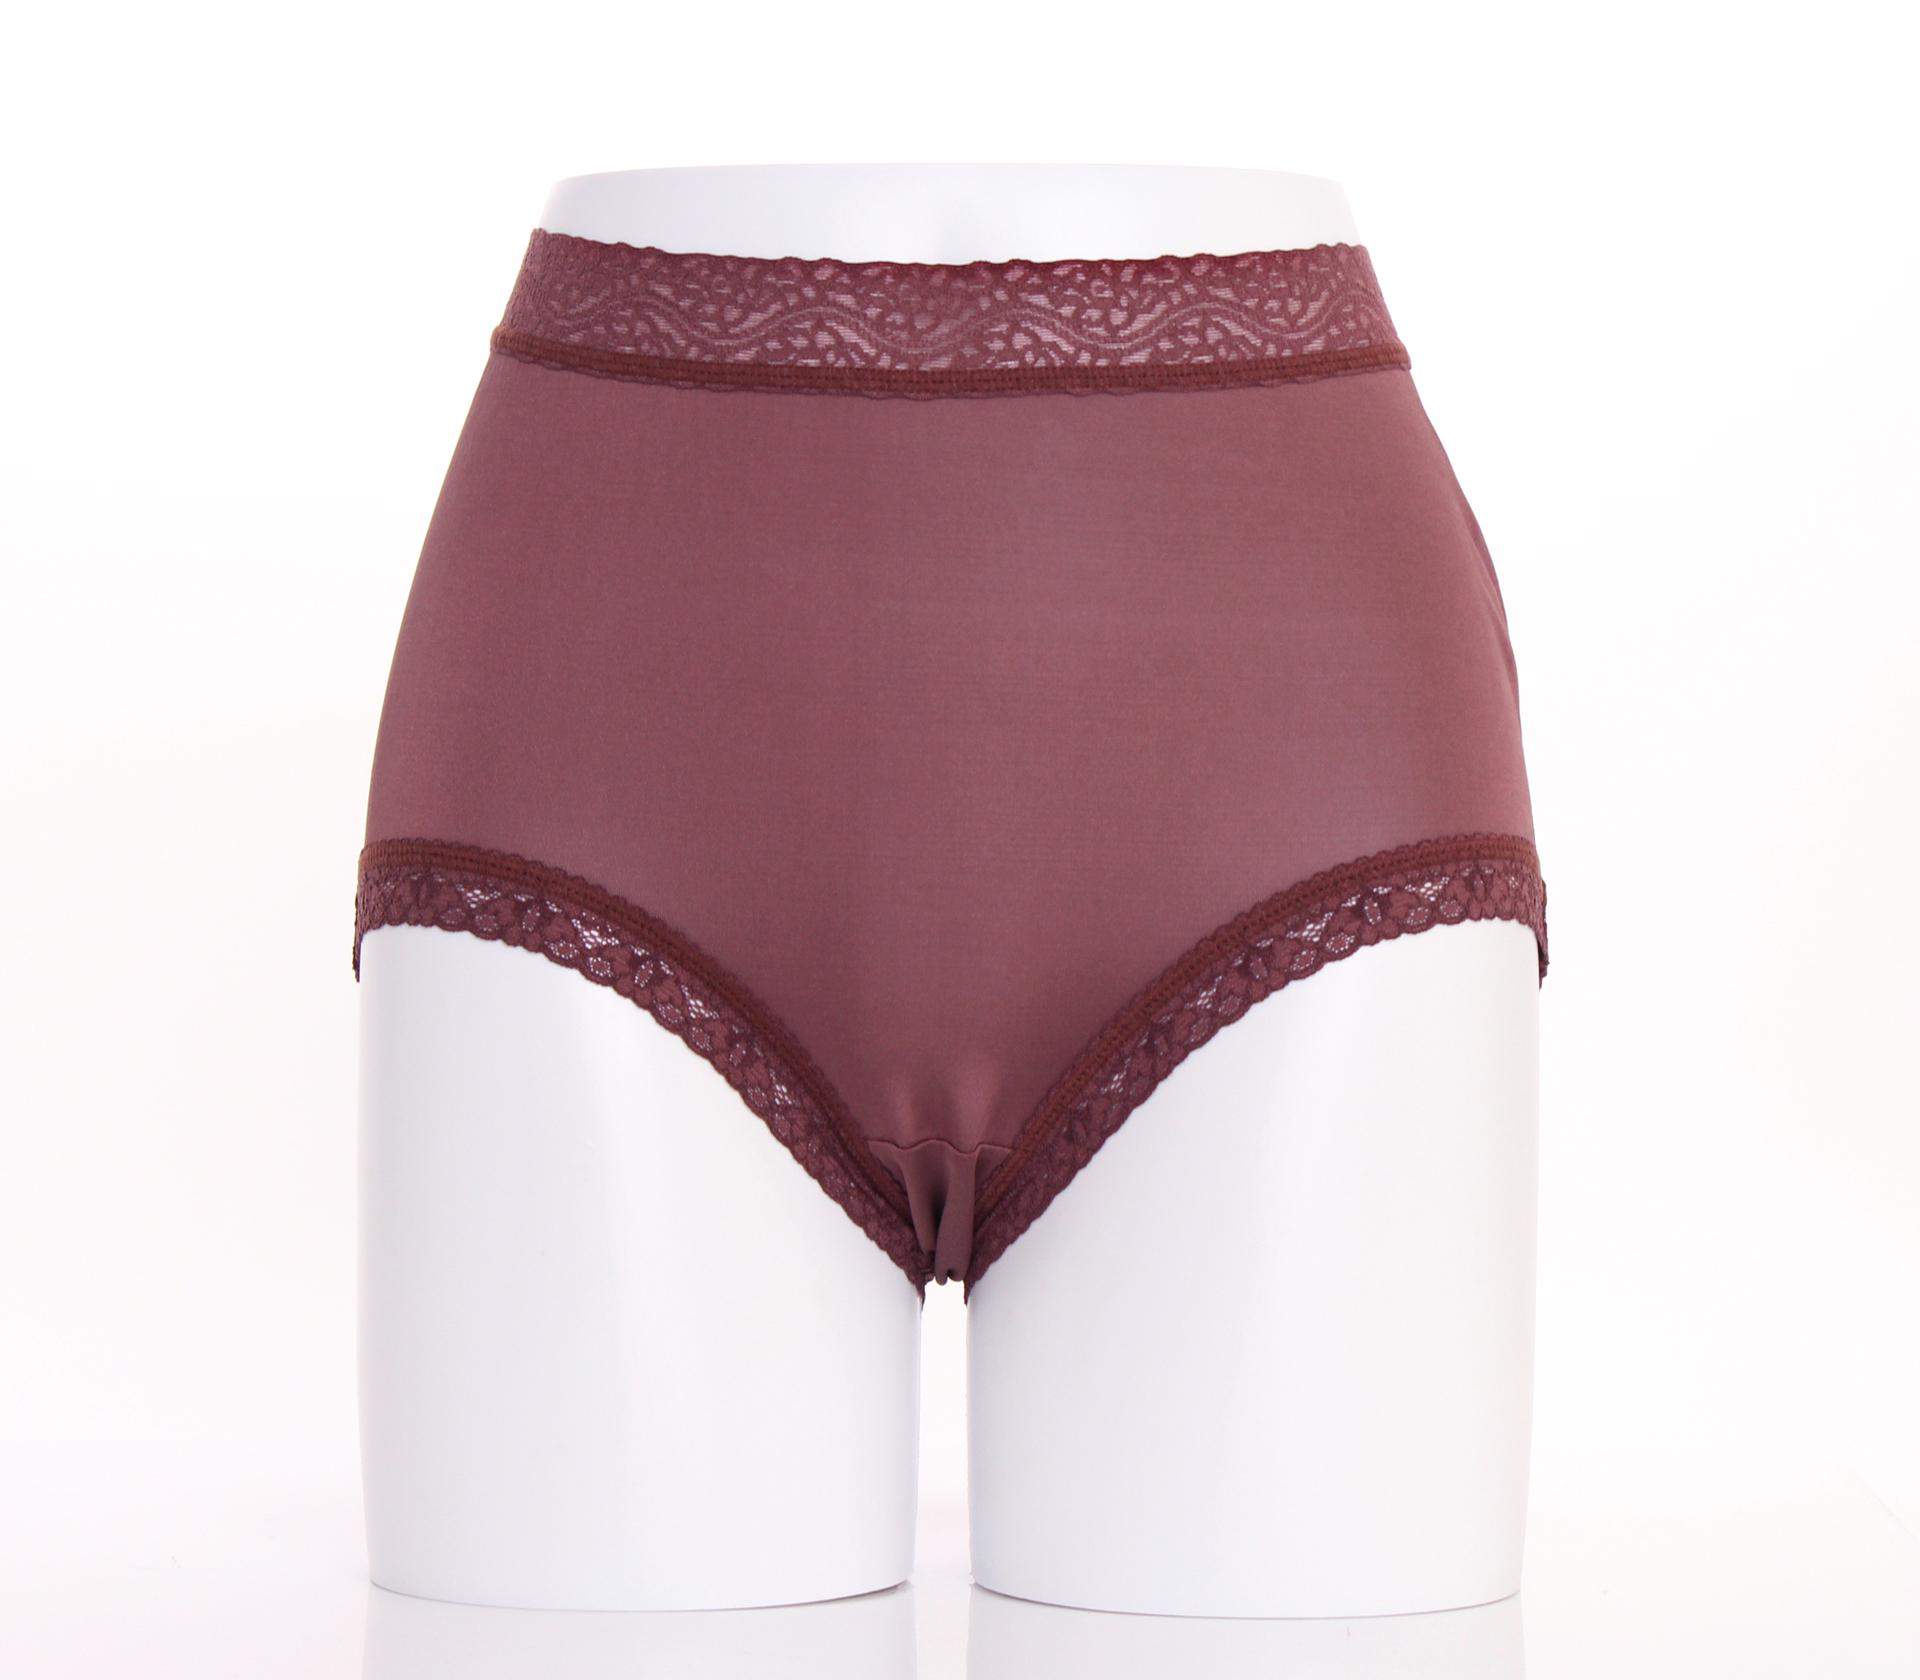 闕蘭絹『超高腰』包覆頂級40針100%蠶絲內褲-8795(咖啡)